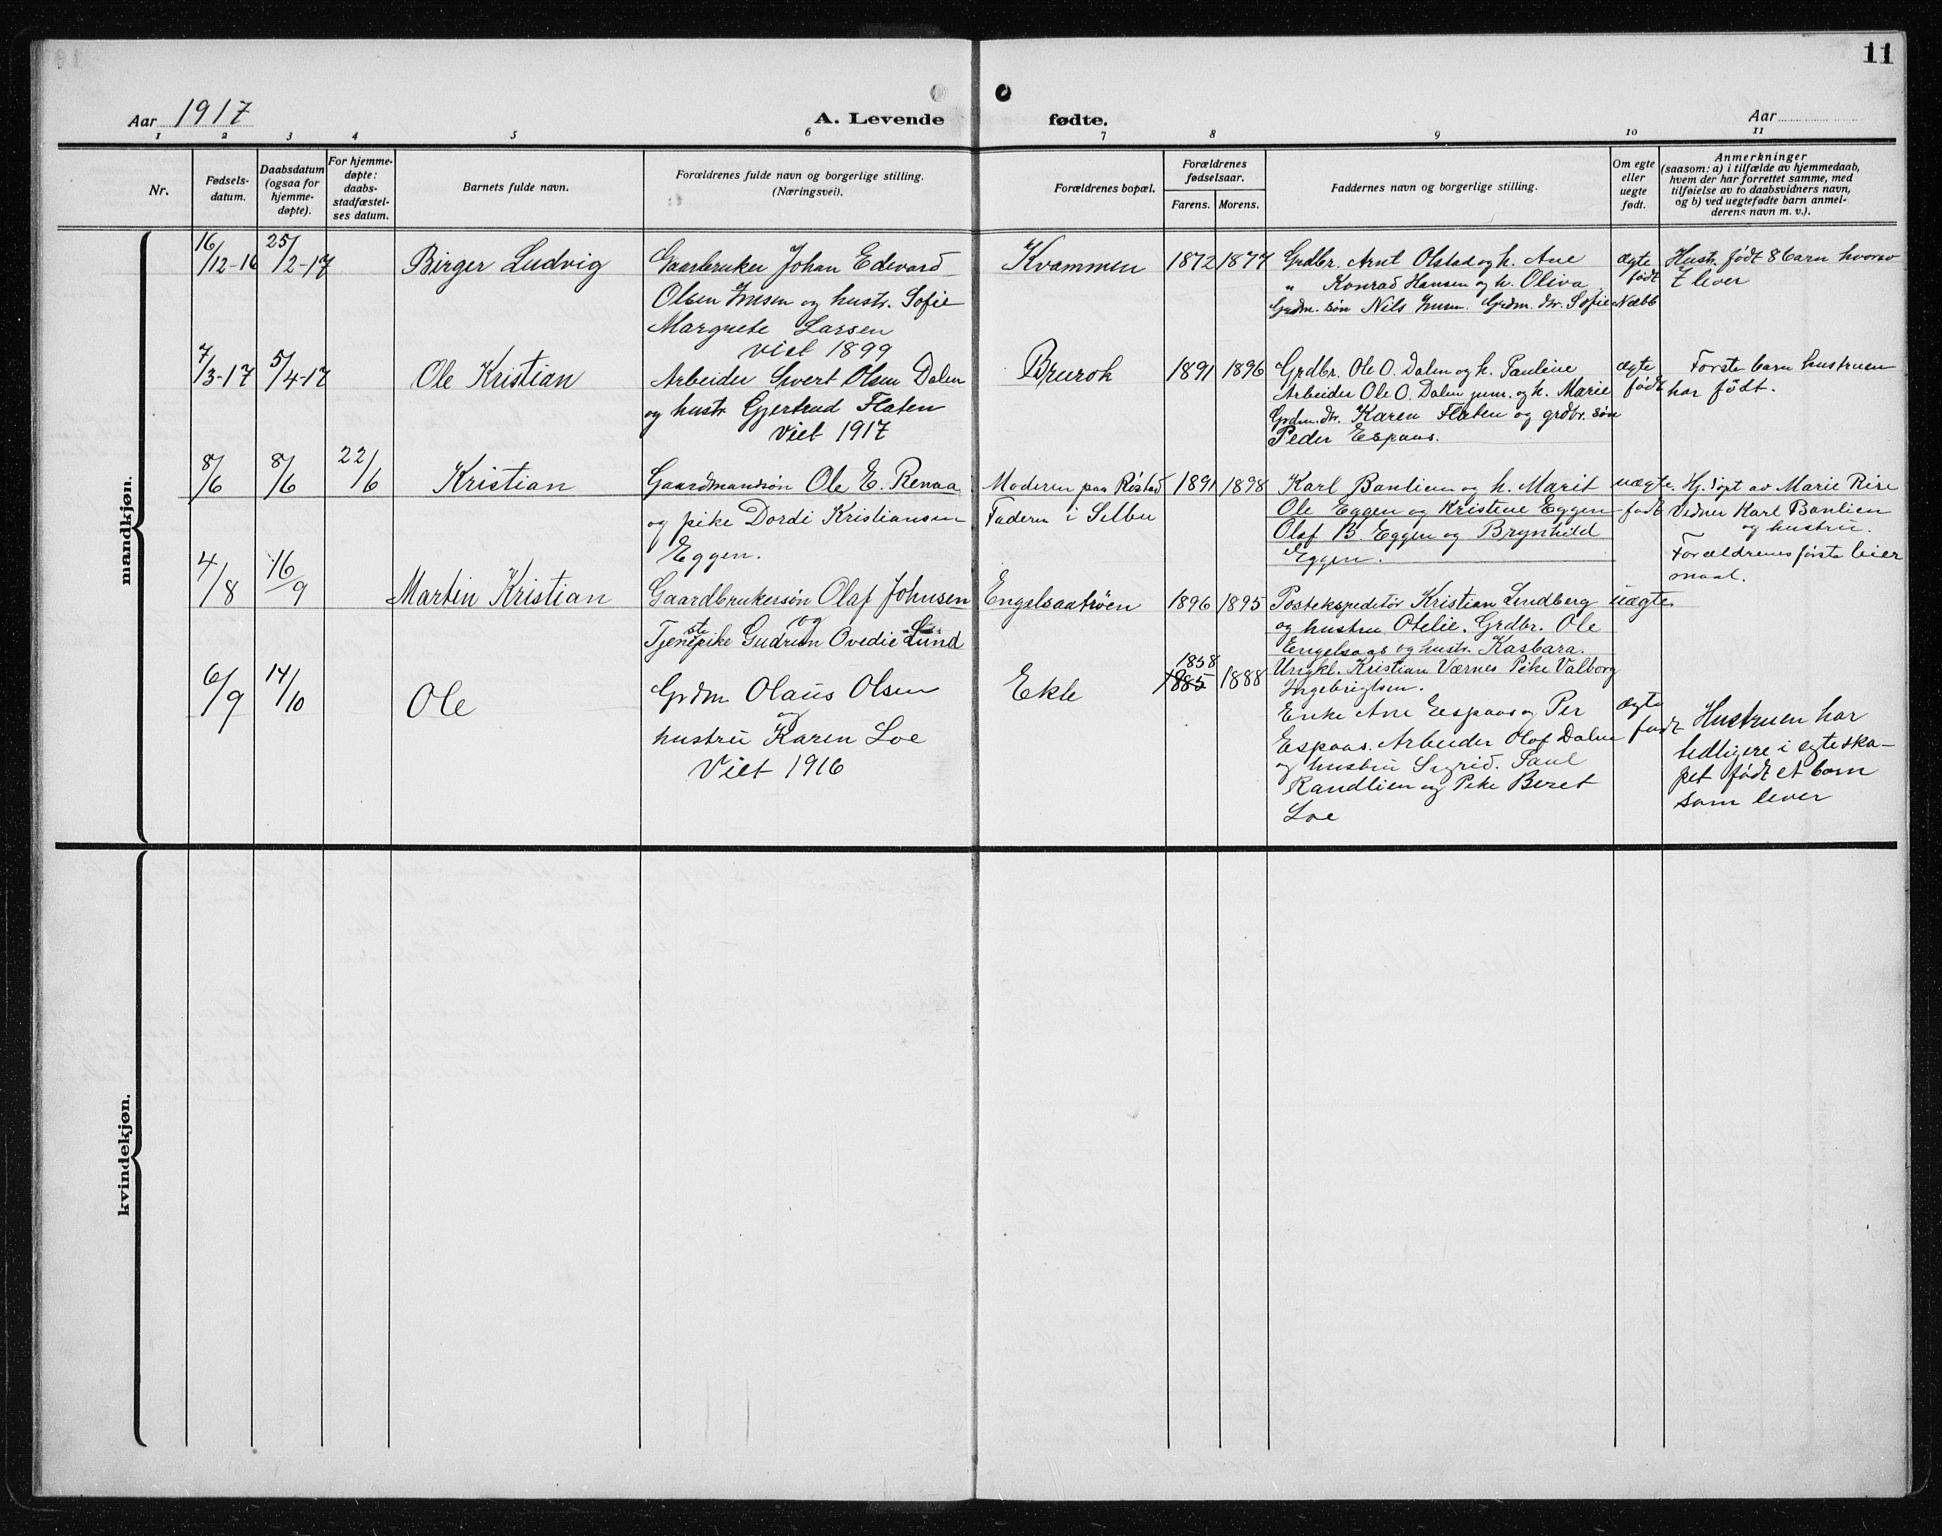 SAT, Ministerialprotokoller, klokkerbøker og fødselsregistre - Sør-Trøndelag, 608/L0342: Klokkerbok nr. 608C08, 1912-1938, s. 11